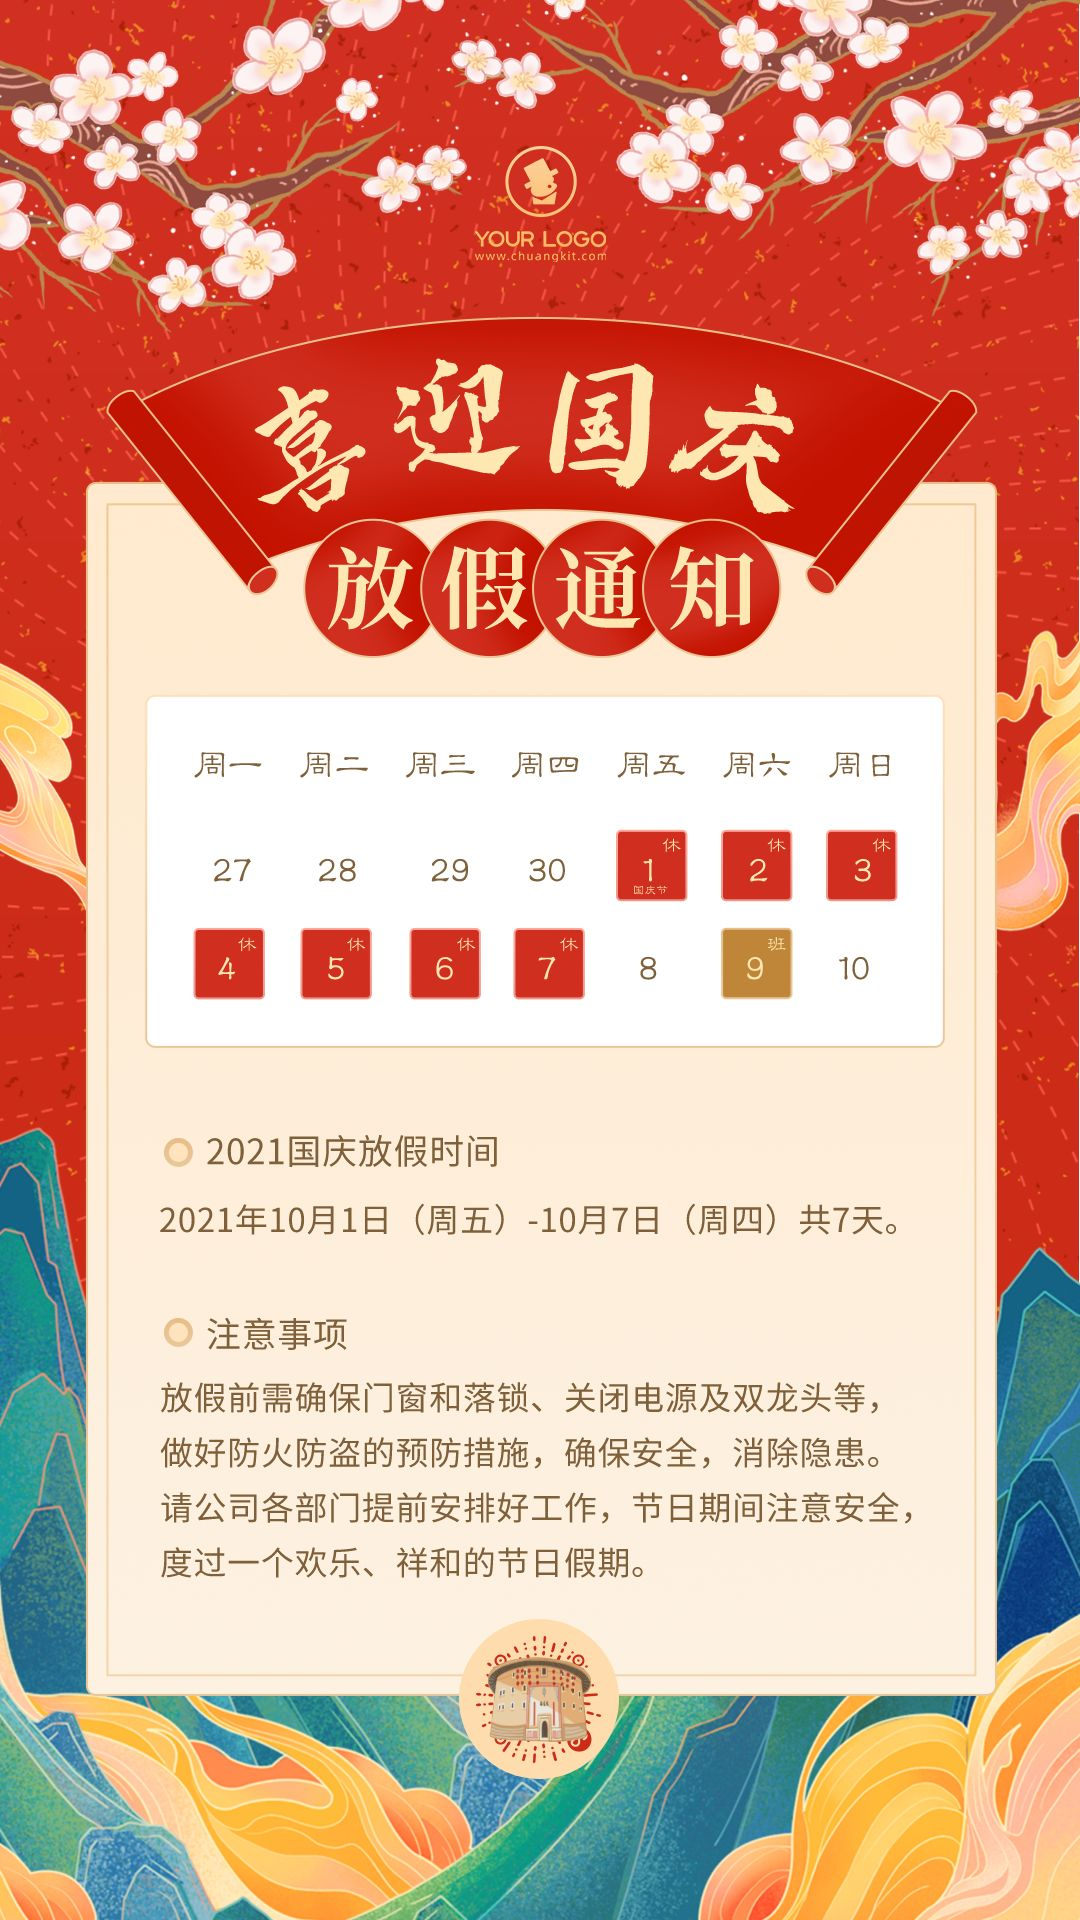 江油宇壮沙发厂2021年国庆节放假通知